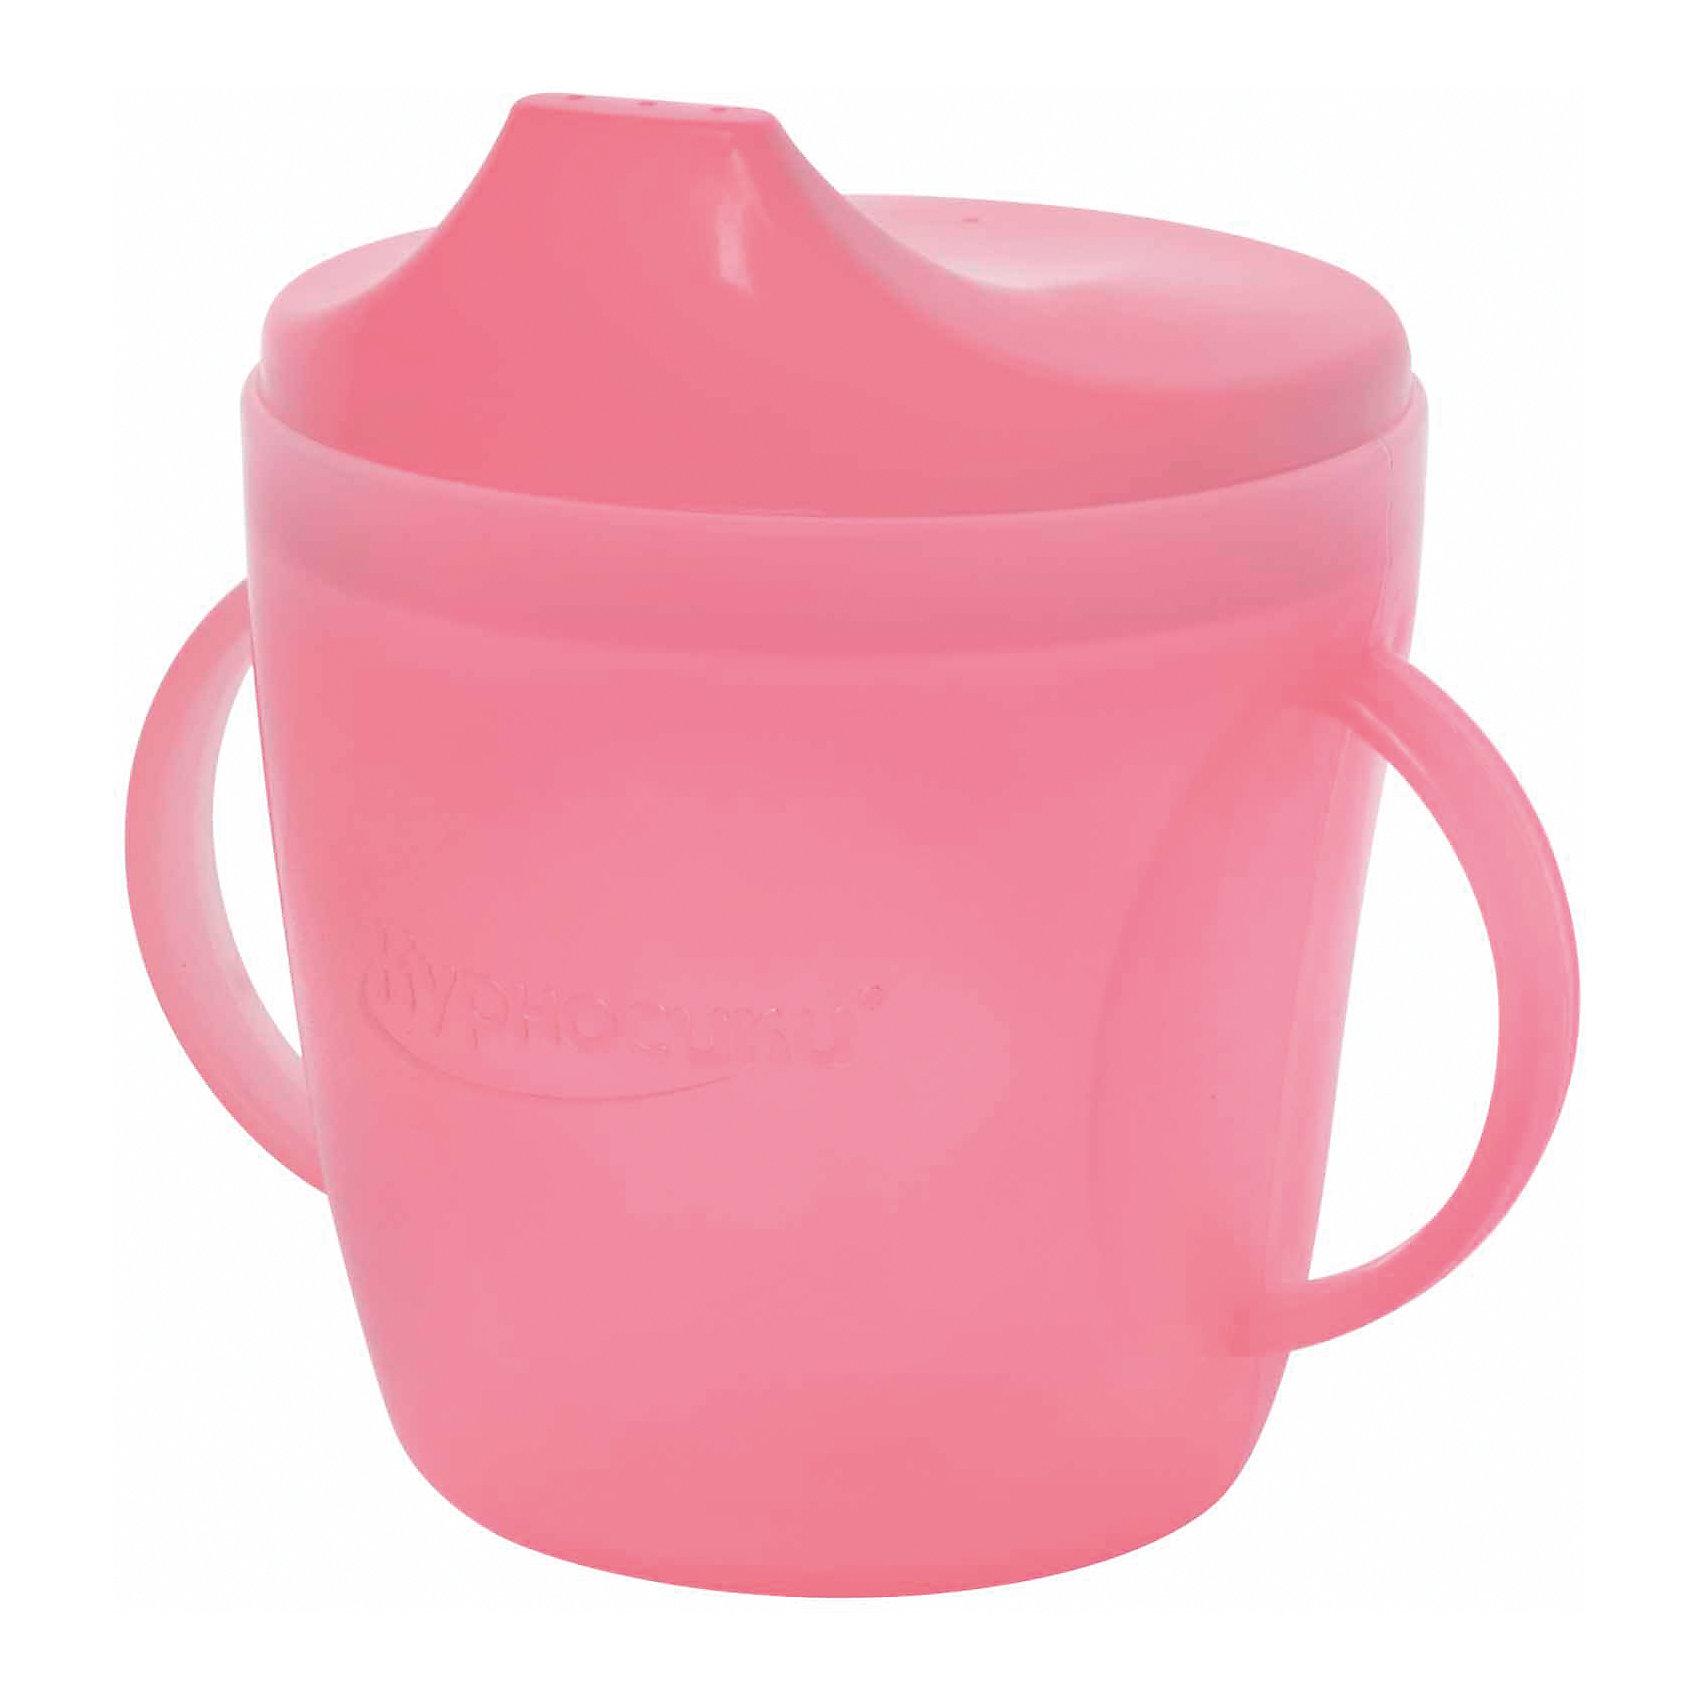 Поильник с ручками, 200мл, Kurnosiki, розовыйПоильники<br>Характеристики:<br><br>• Предназначение: для приучения к кружке<br>• Материал: пластик<br>• Пол: для девочки<br>• Цвет: розовый<br>• Тематика рисунка: без рисунка<br>• Объем: 200 мл<br>• Тип носика: жесткий<br>• Удобный широкий носик<br>• Съемная крышка<br>• По бокам на поильнике имеются ручки<br>• Можно использовать как для холодных, так и для горячих напитков<br>• Вес: 100 г<br>• Особенности ухода: разрешается мыть в посудомоечной машине<br><br>Поильник с ручками, 200 мл, Kurnosiki, синий изготовлен из безопасного и ударопрочного пластика, устойчивого к появлению царапин и сколов. Форма изделия выполнена с учетом особенностей размера детских ручек, по бокам имеются ручки, поэтому малышу будет удобно его держать самостоятельно. Крышка оснащена твердым широким носиком, который обеспечивает оптимальный поток жидкости. <br><br>Изделие выполнено в ярком дизайне. Без крышки изделие можно использовать в качестве стакана. С поильником с ручками, 200 мл, Kurnosiki, синий ваш малыш легко и быстро научится пить из кружки!<br><br>Поильник прозрачный с ручками, 200 мл, Kurnosiki, синий можно купить в нашем интернет-магазине.<br><br>Ширина мм: 80<br>Глубина мм: 175<br>Высота мм: 230<br>Вес г: 88<br>Возраст от месяцев: 4<br>Возраст до месяцев: 36<br>Пол: Женский<br>Возраст: Детский<br>SKU: 5428747